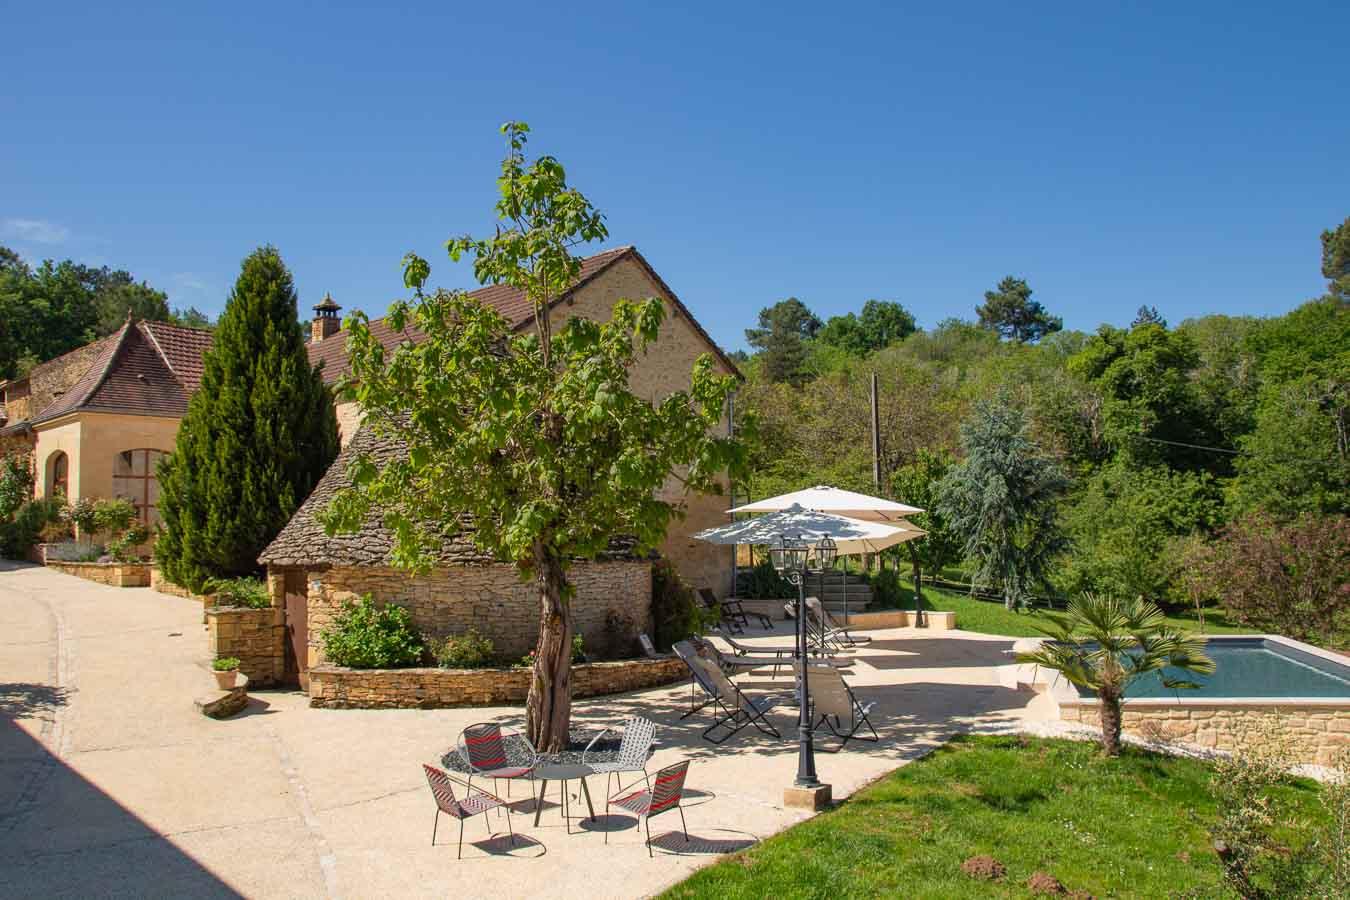 Maison d'hôtes Dordogne